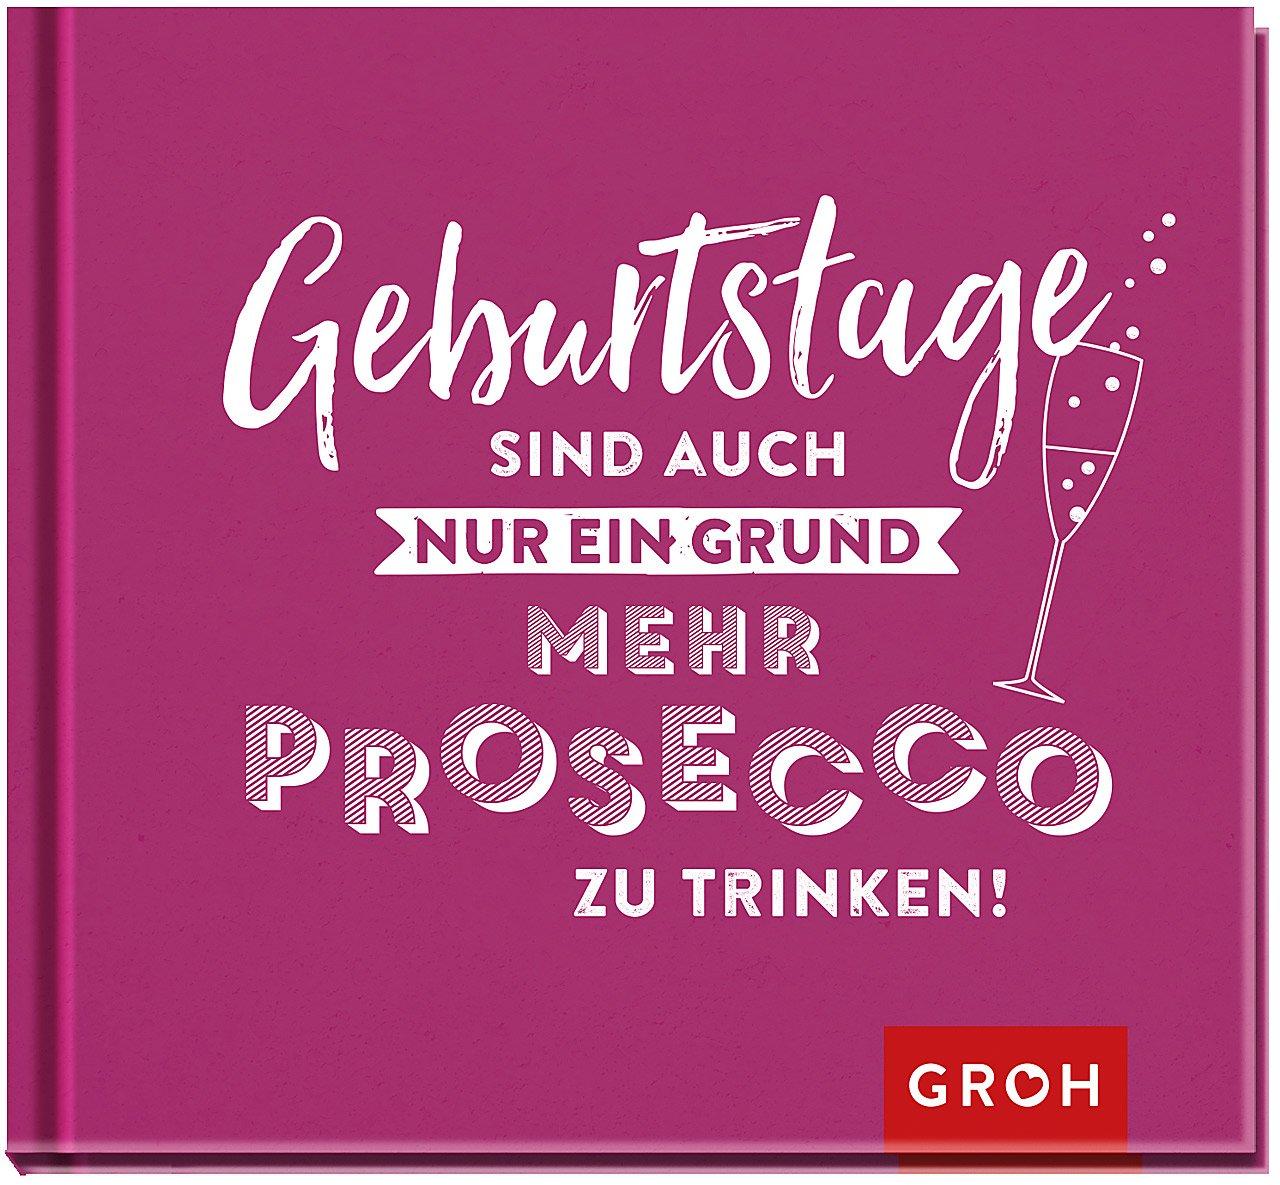 Geburtstage sind auch nur ein Grund, mehr Prosecco zu trinken